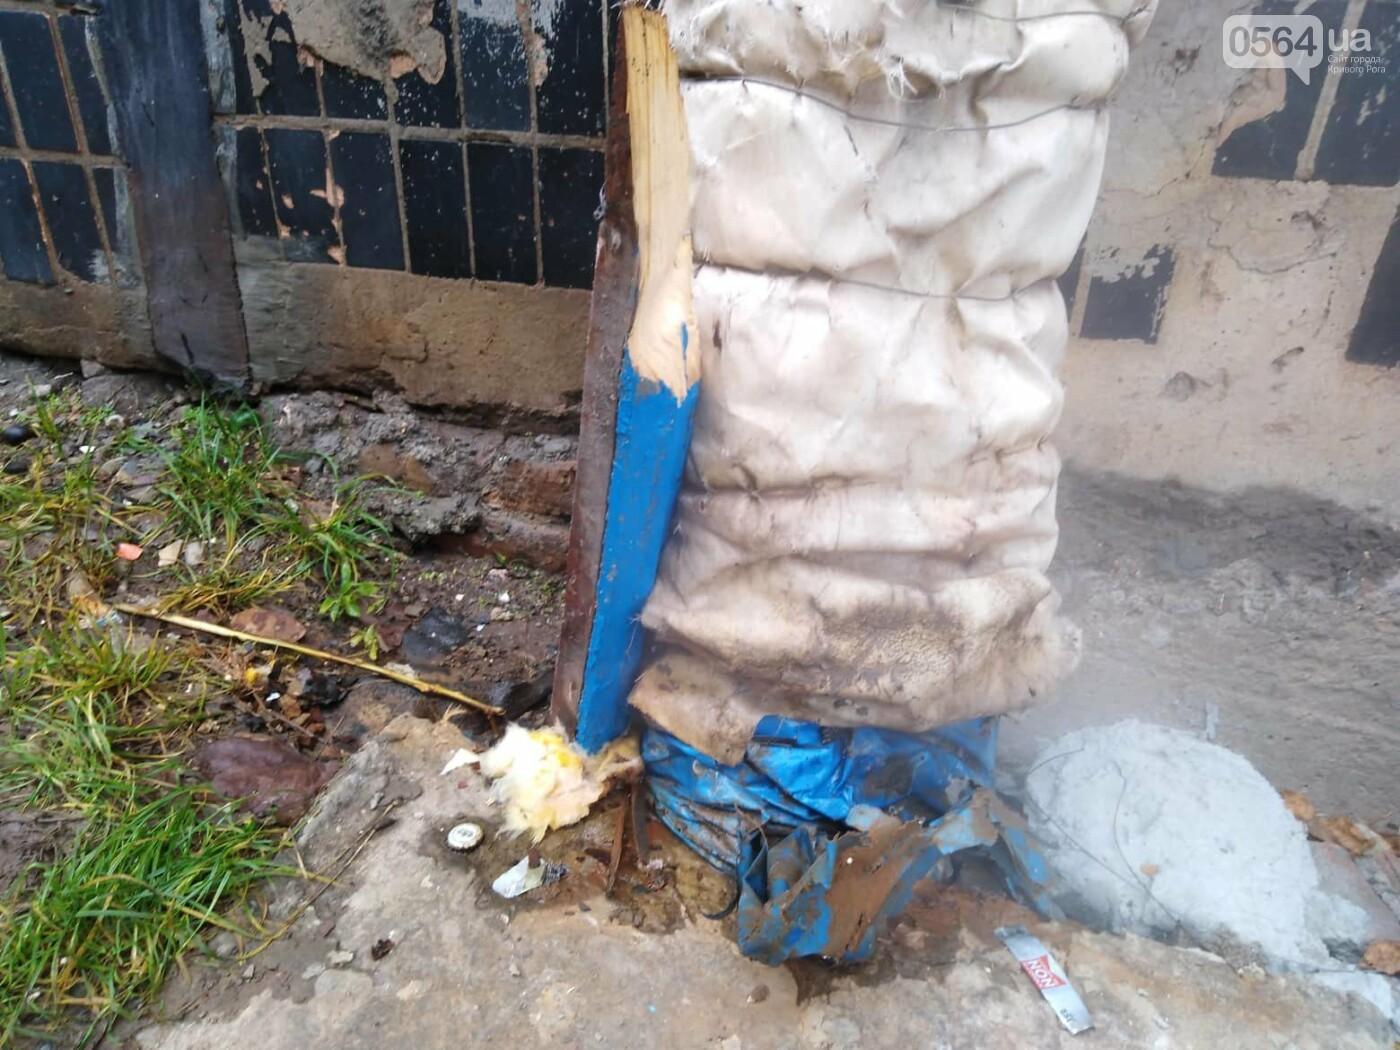 Не дождавшись тепловиков, криворожане принялись ликвидировать аварию на теплосети подручными средствами, - ФОТО, фото-4